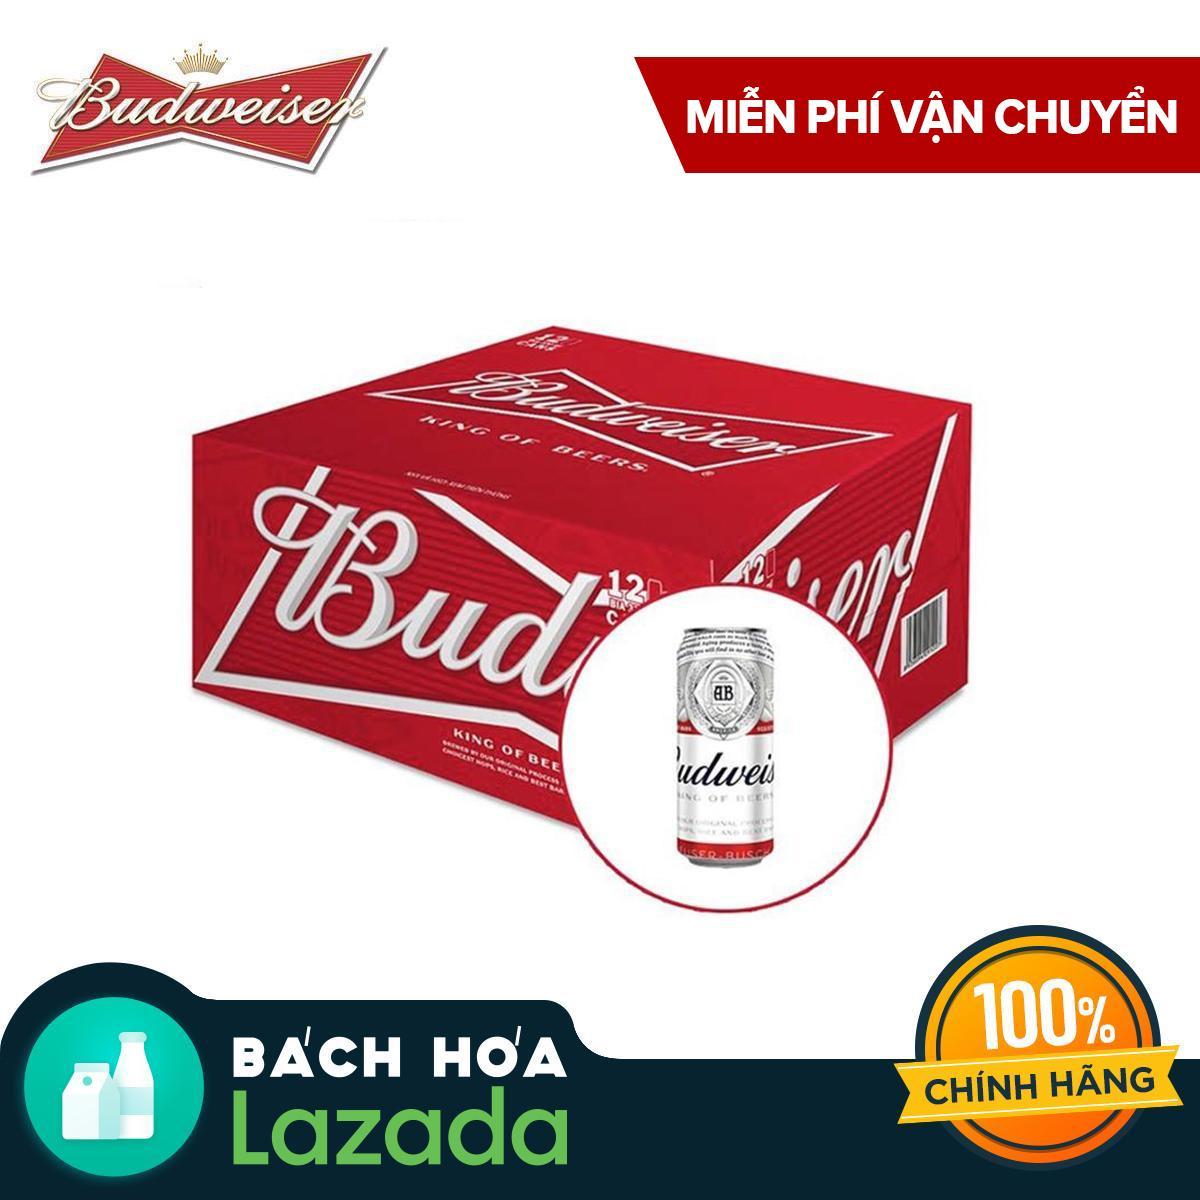 Thùng 12 Lon Bia Budweiser 500ml Giá Quá Ưu Đãi